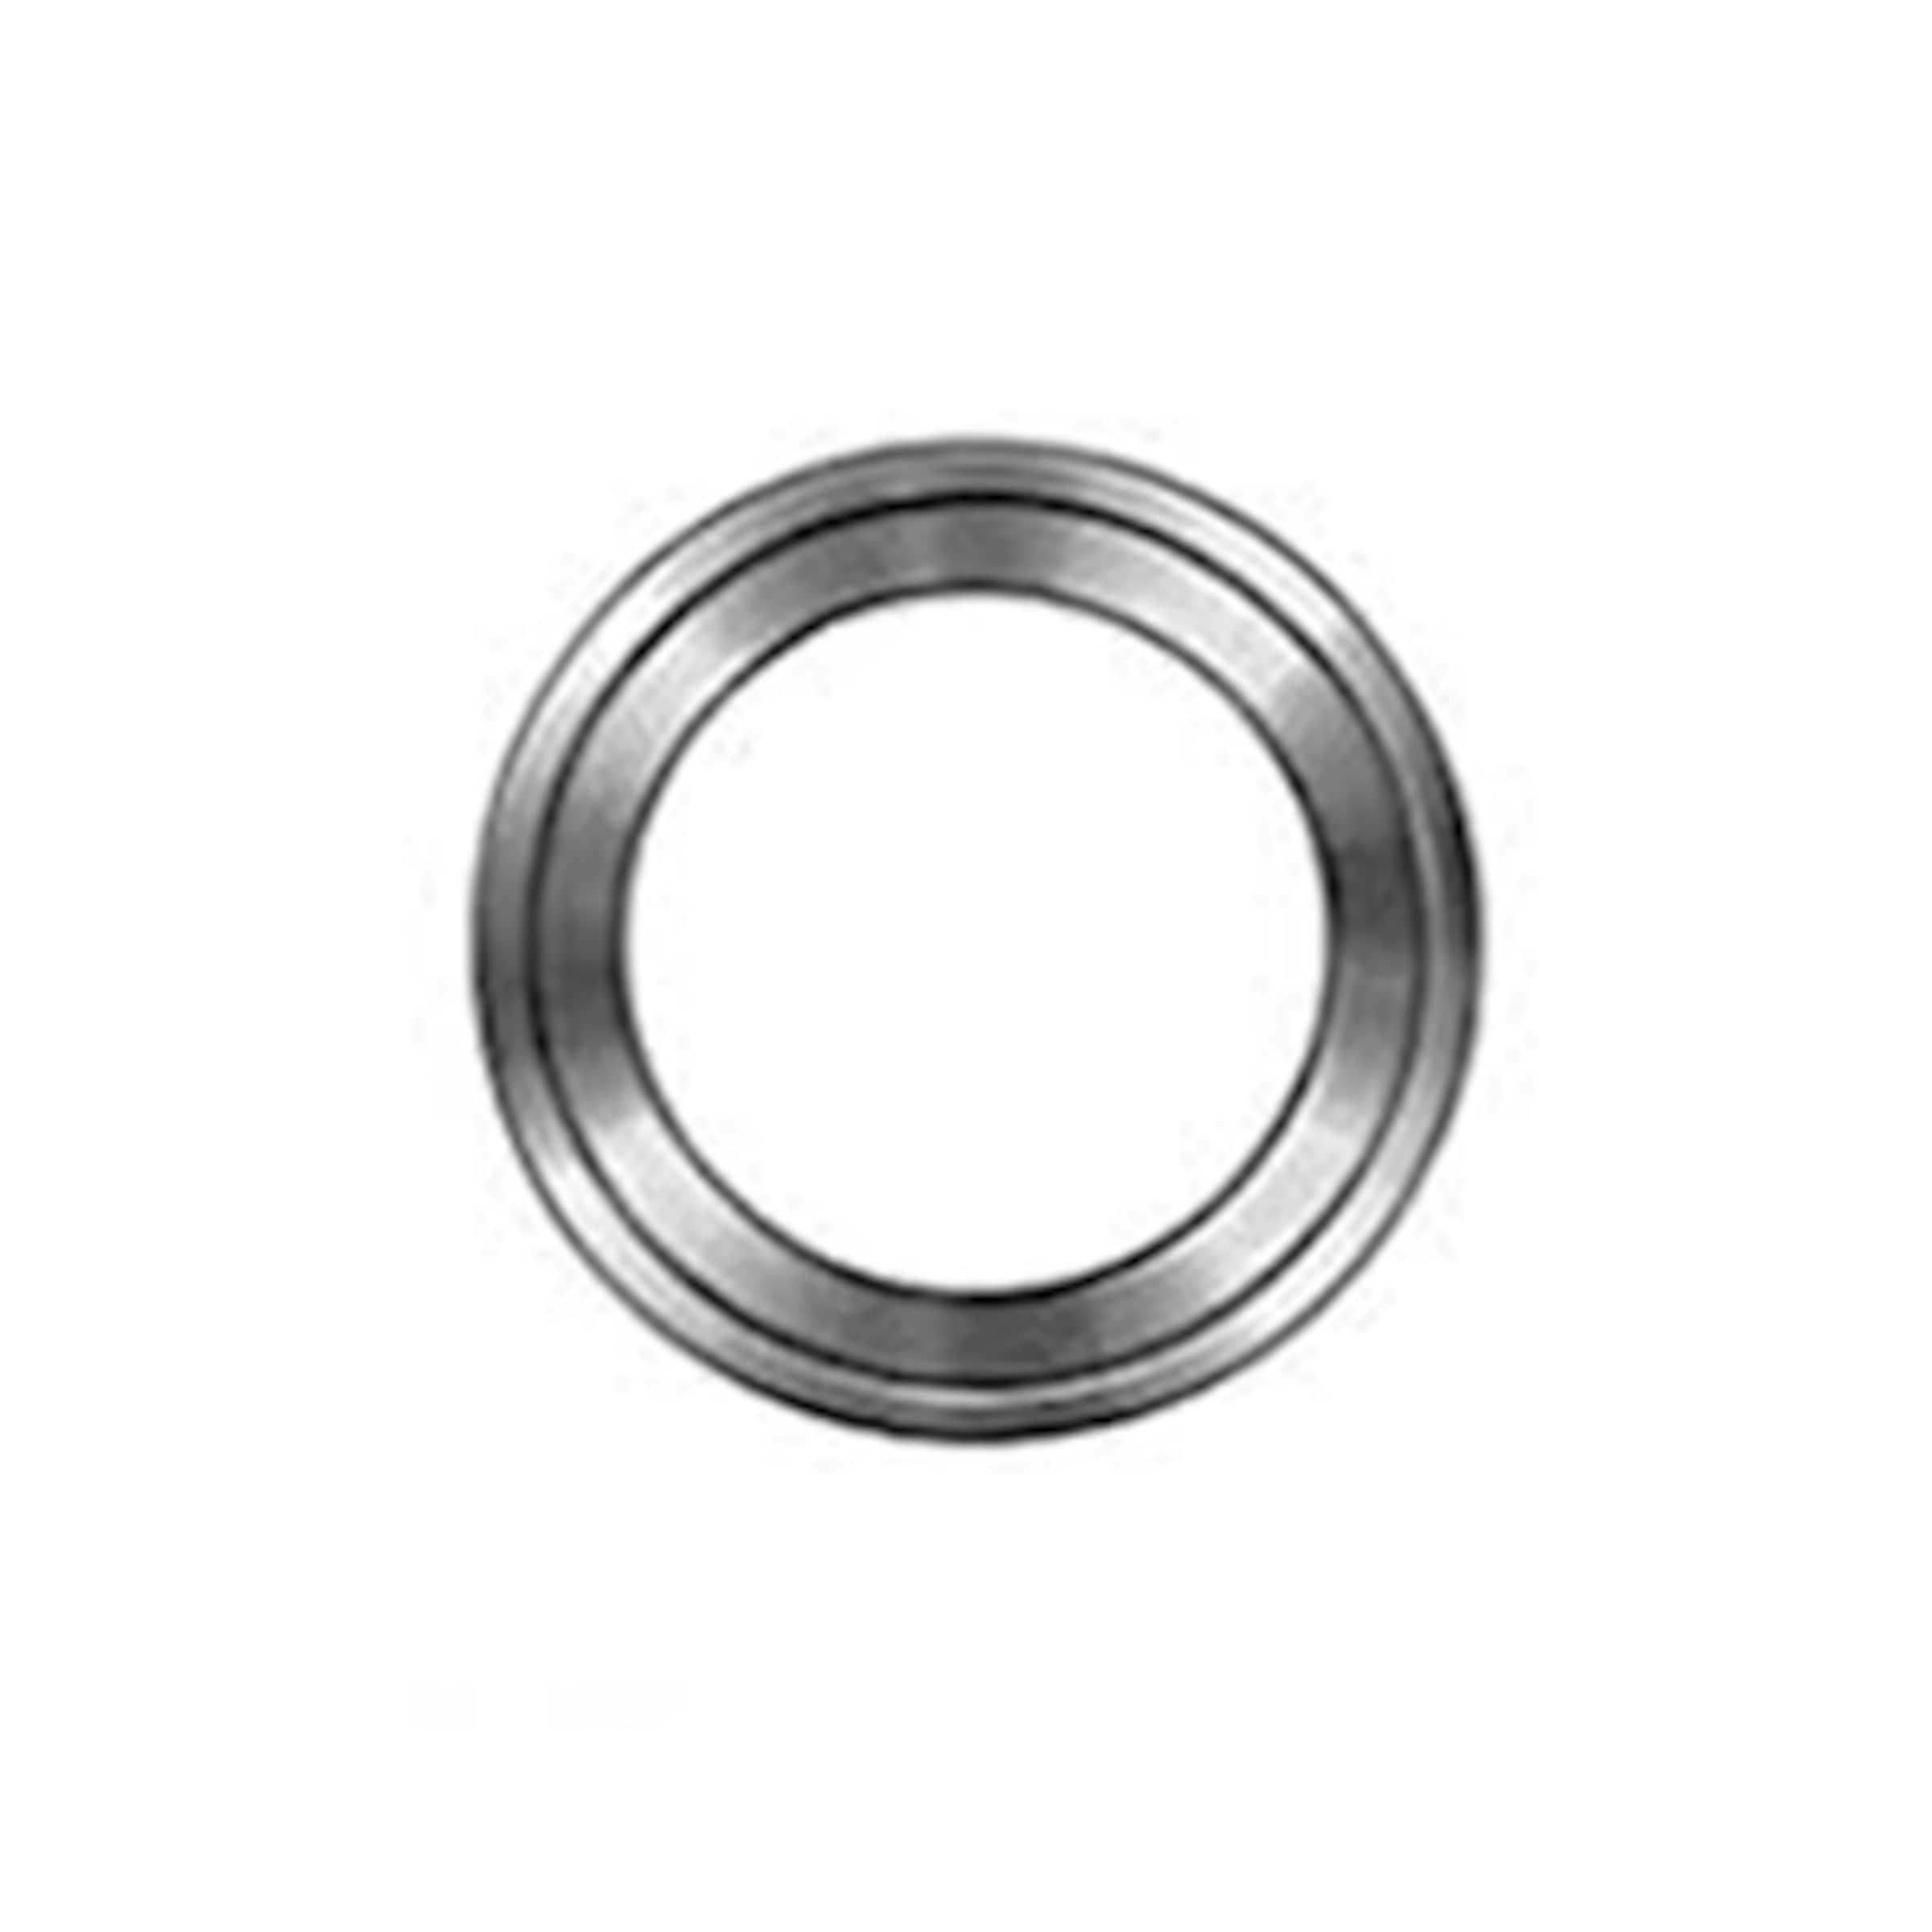 Weld Rings